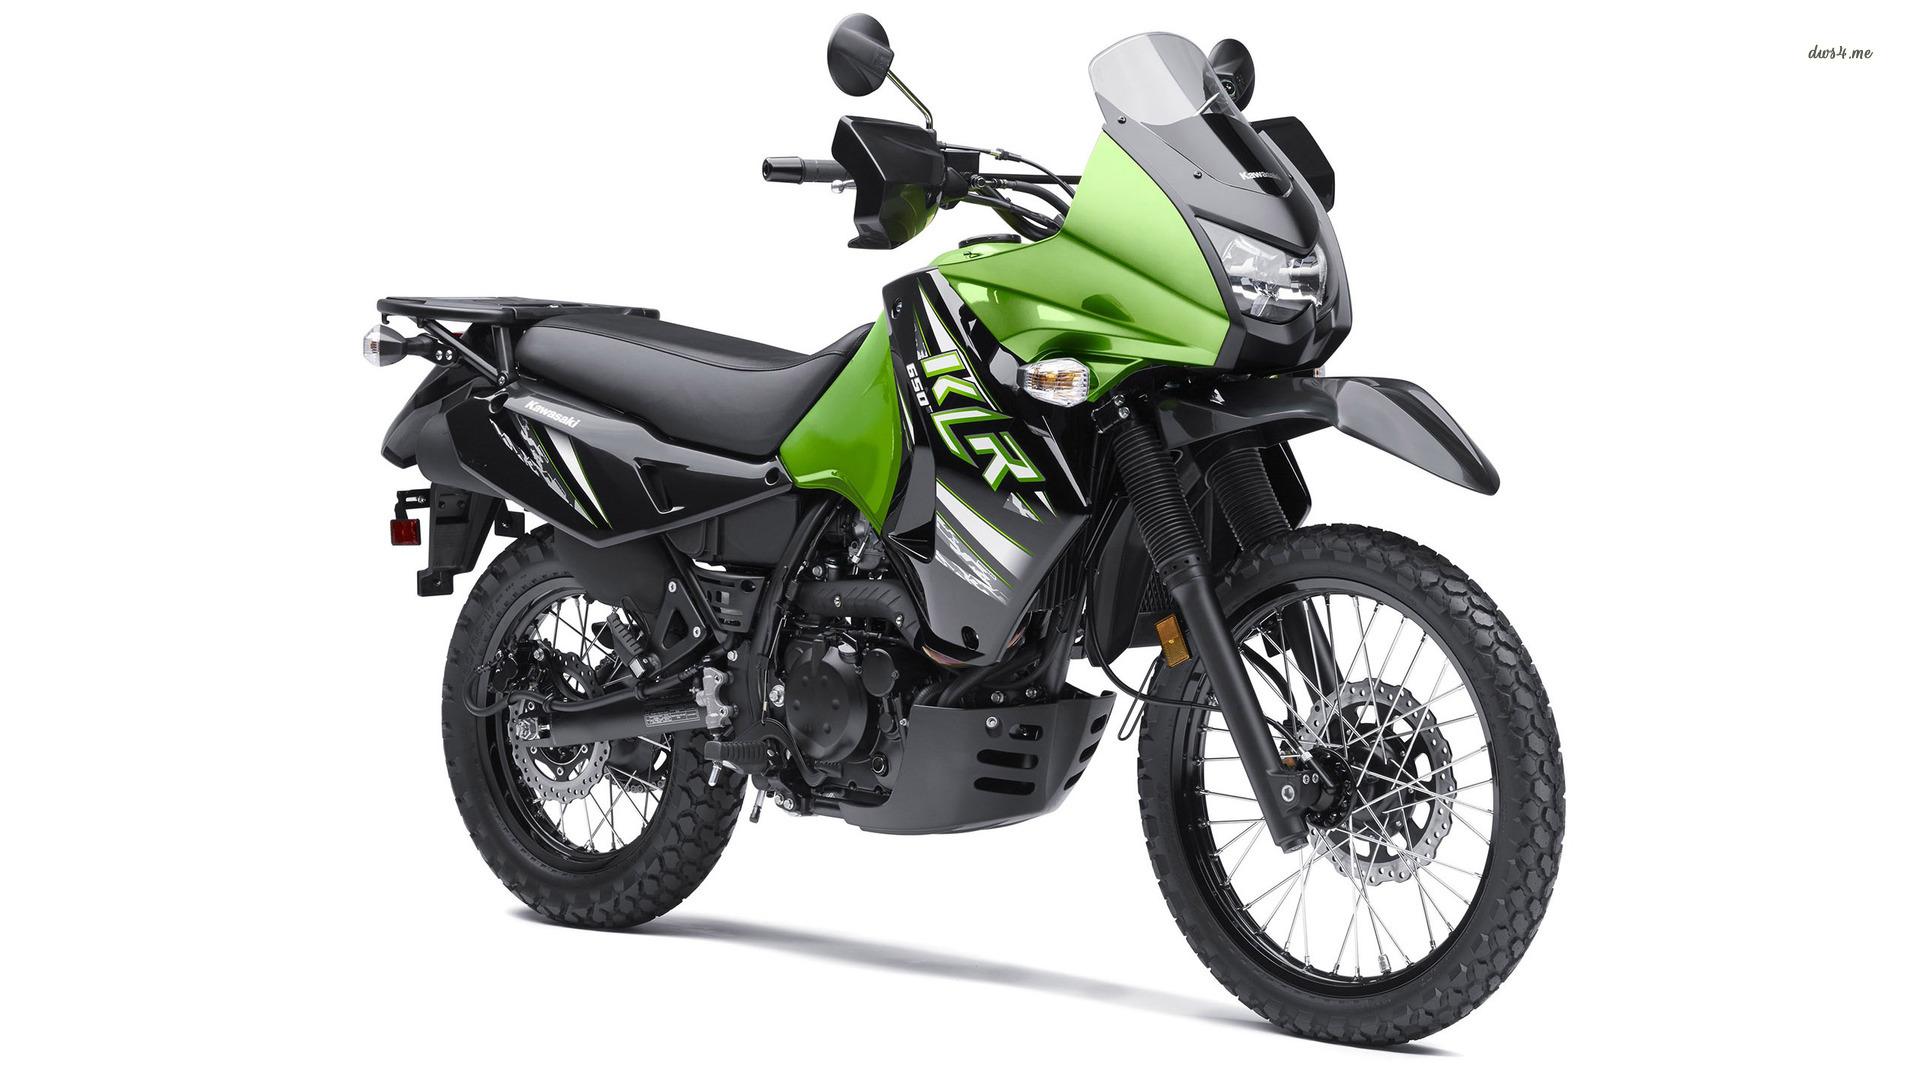 Kawasaki KLR650 wallpaper   Motorcycle wallpapers   24896 1920x1080